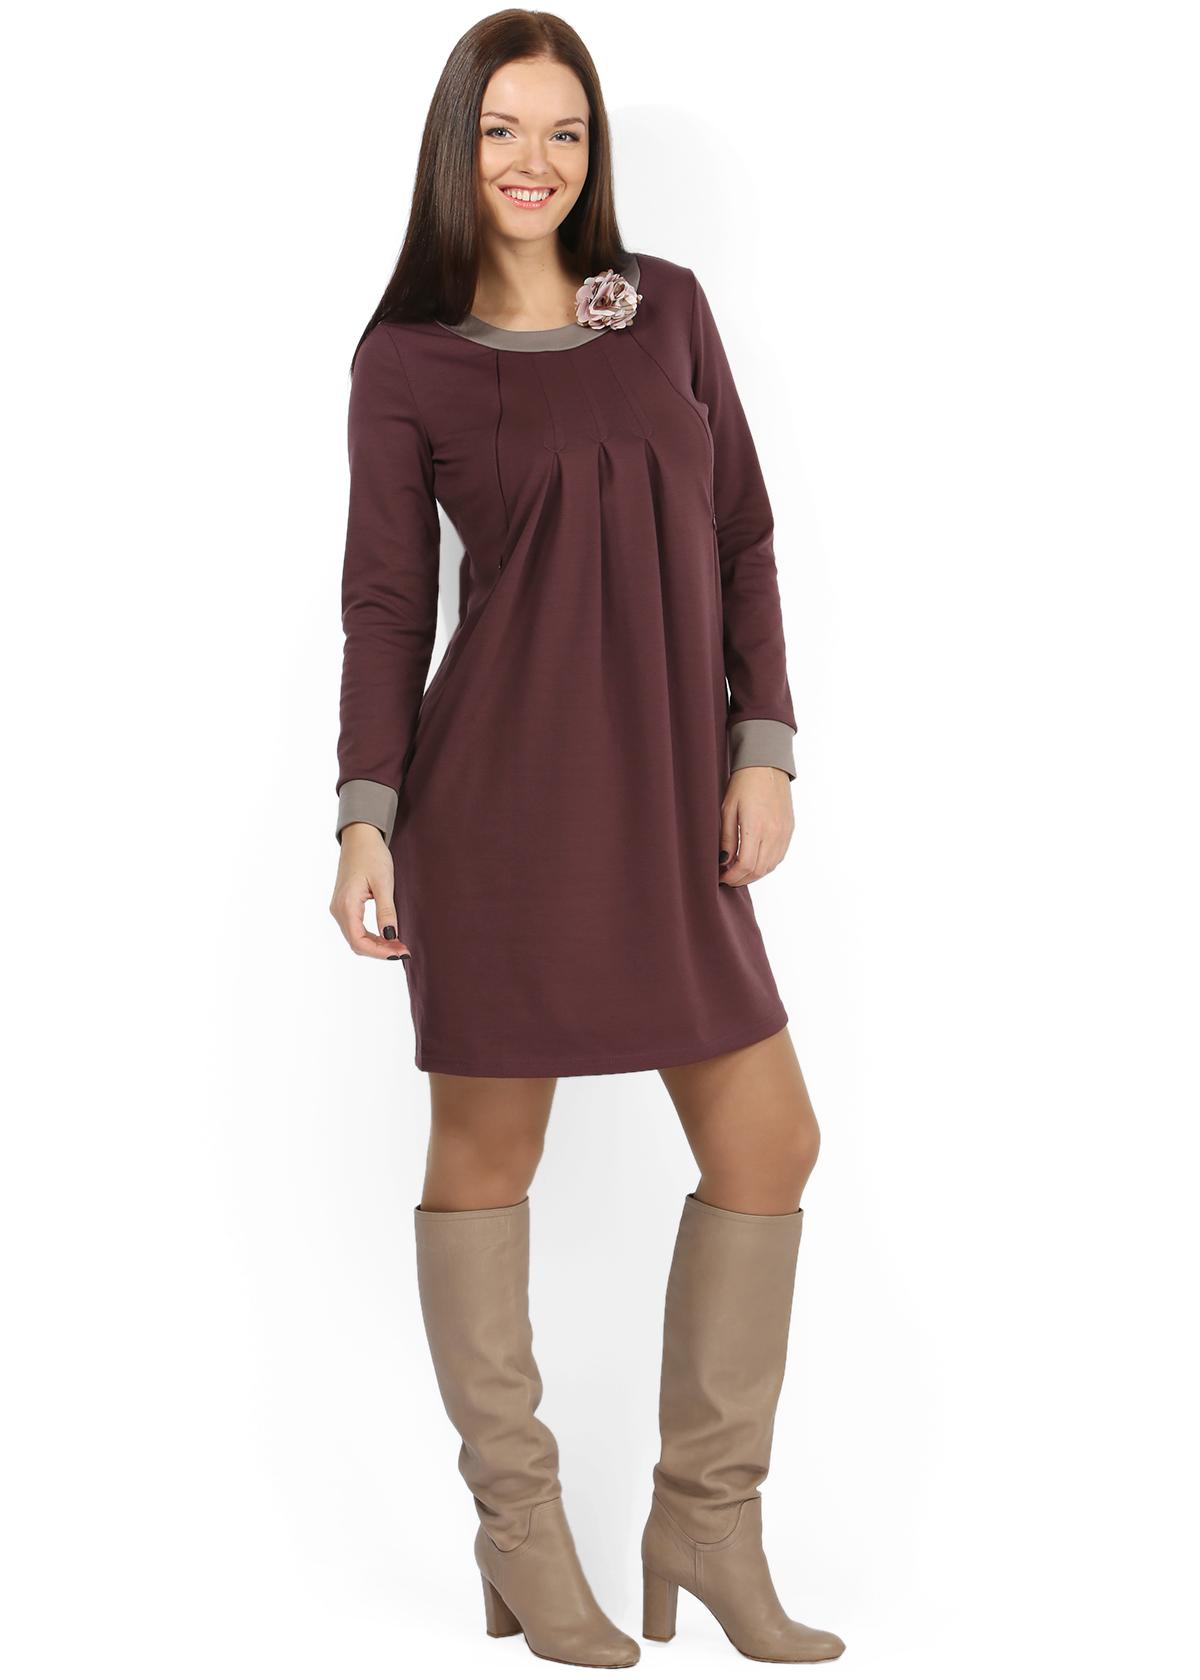 b922f64e6421 Платье «Франка» для беременных и кормления грудью, Новинки одежды для  беременных и кормящих ...